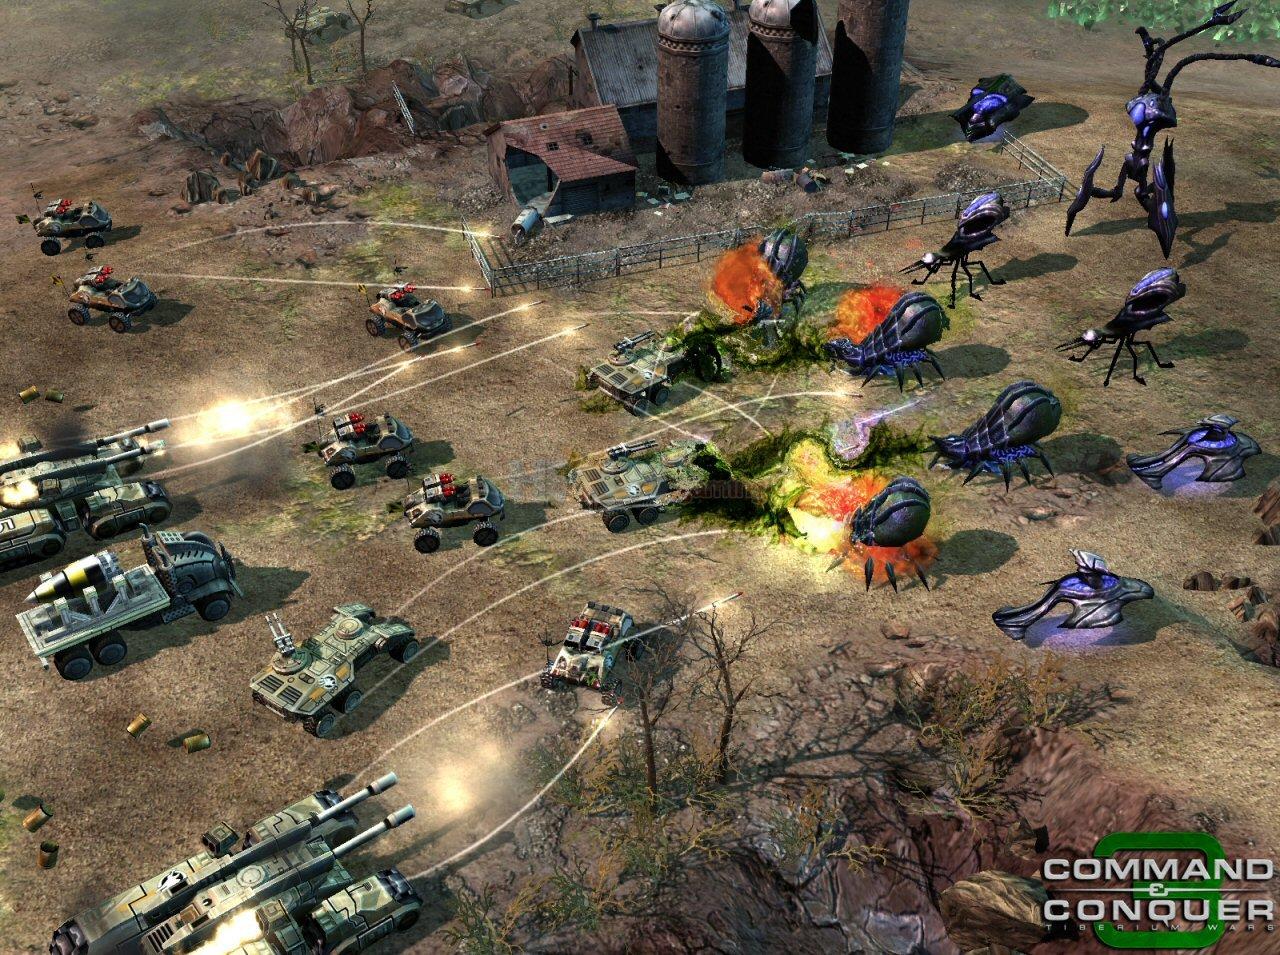 2007 год в компьютерных играх. - Изображение 23